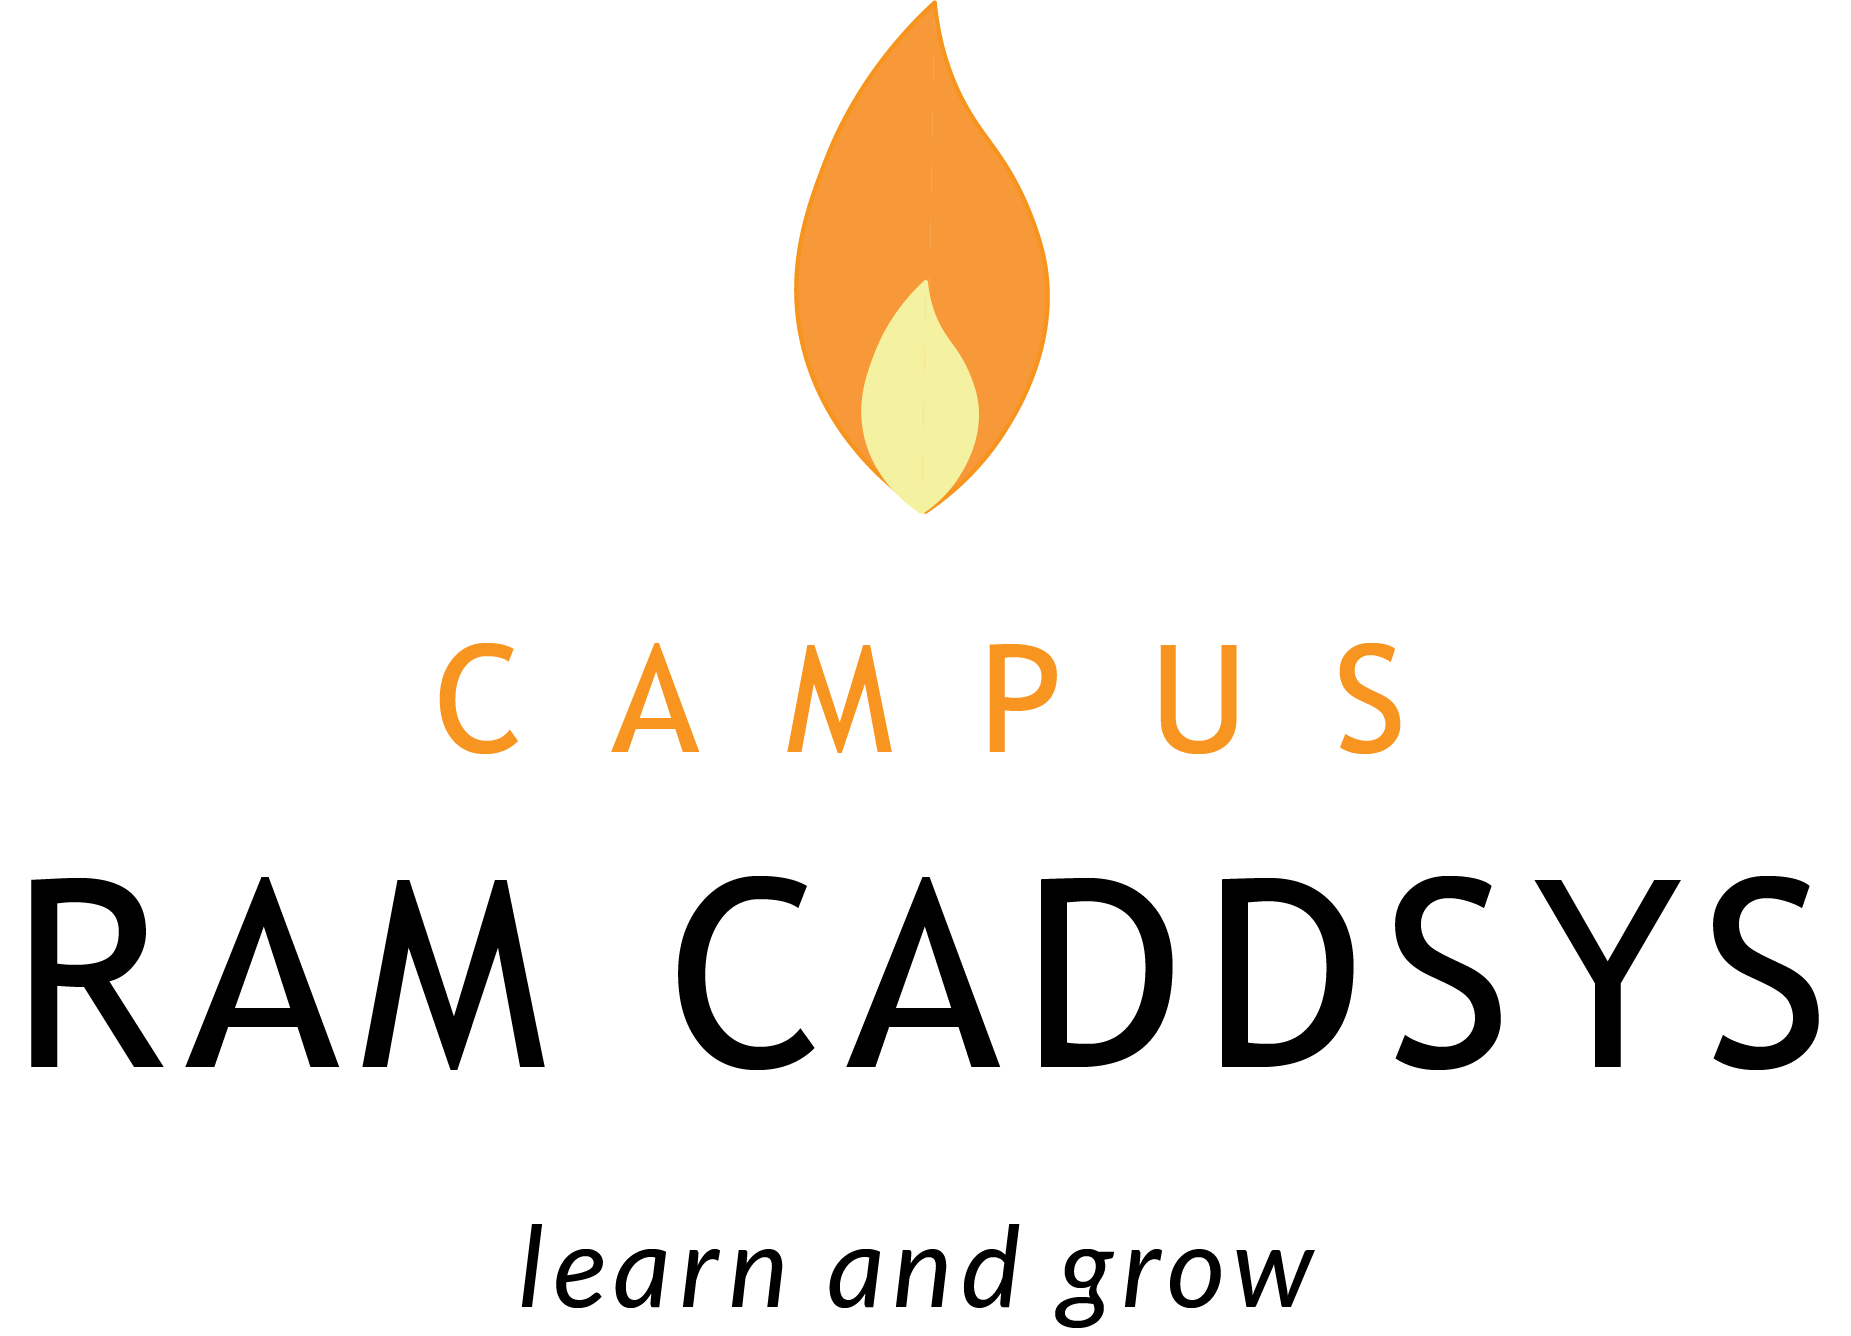 RAM CADDSYS Campus